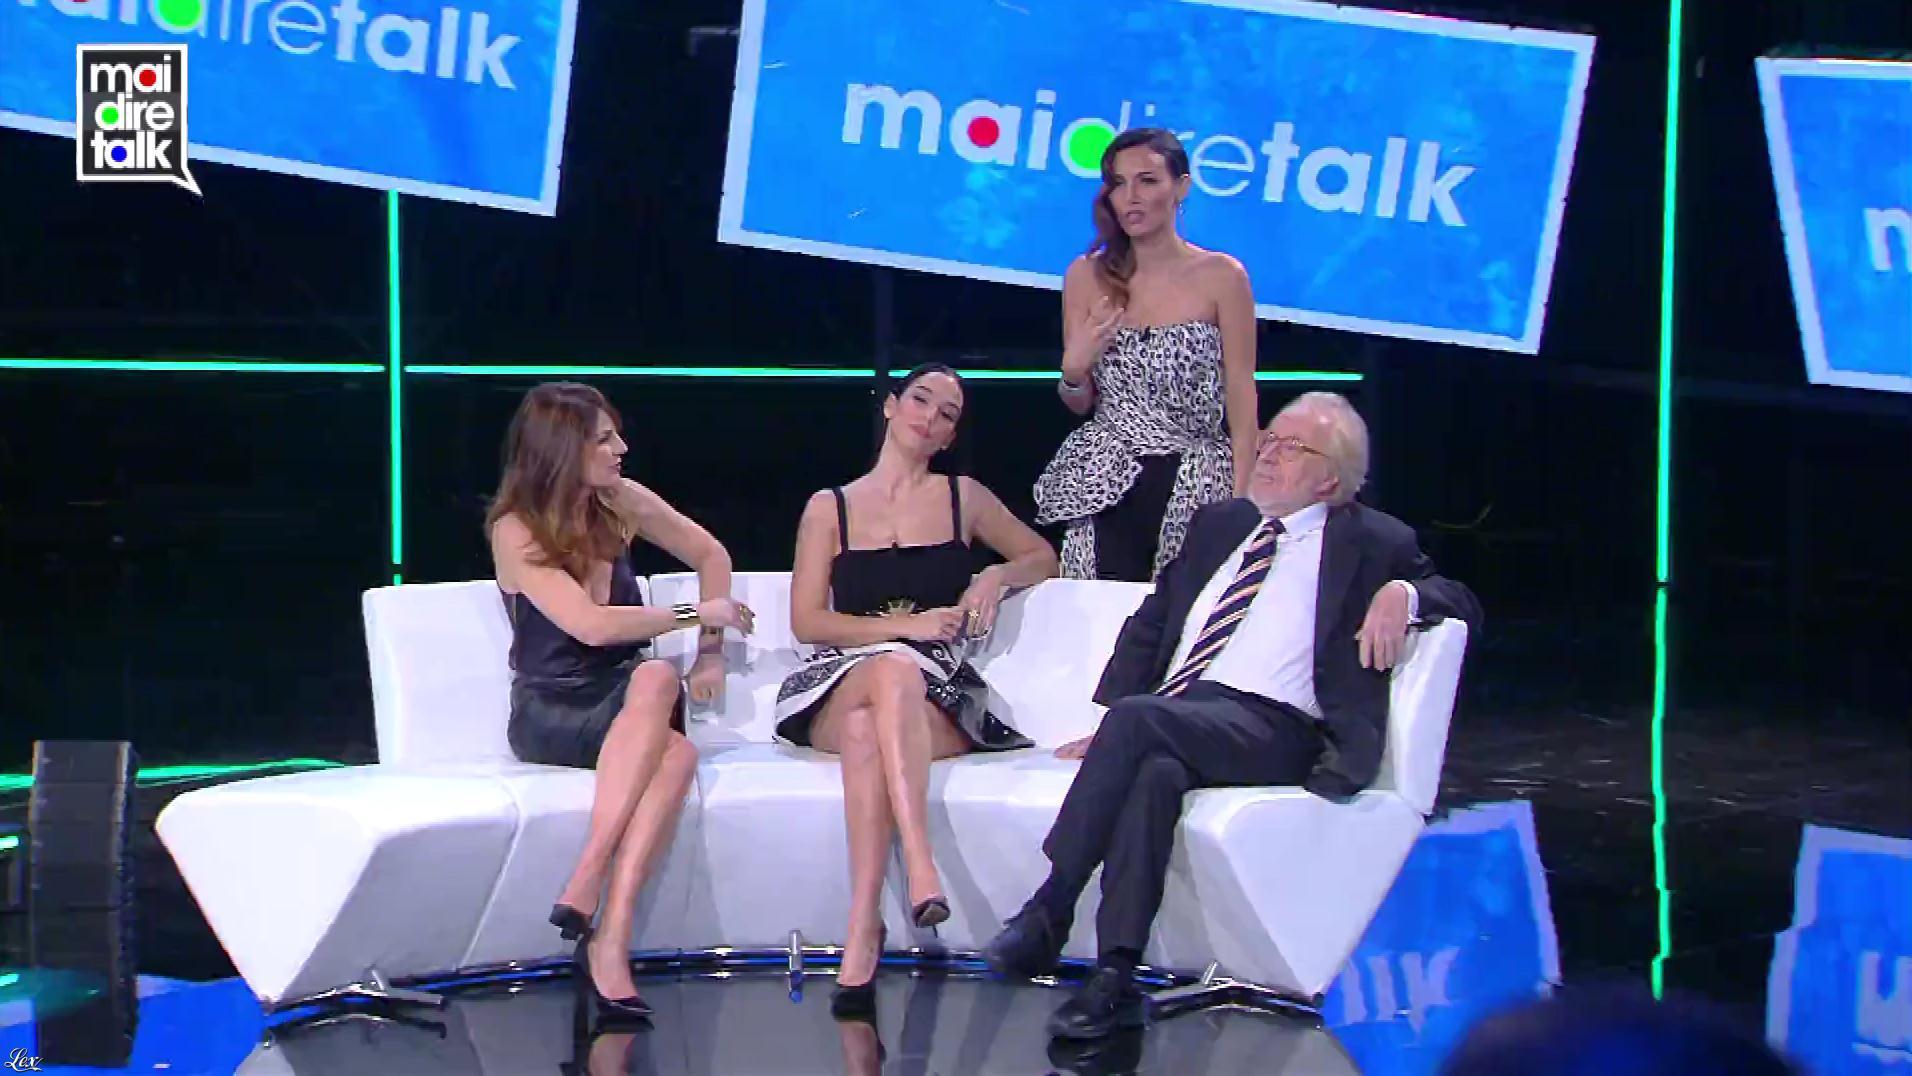 Marina la Rosa dans Mai Dire Talk. Diffusé à la télévision le 06/12/18.